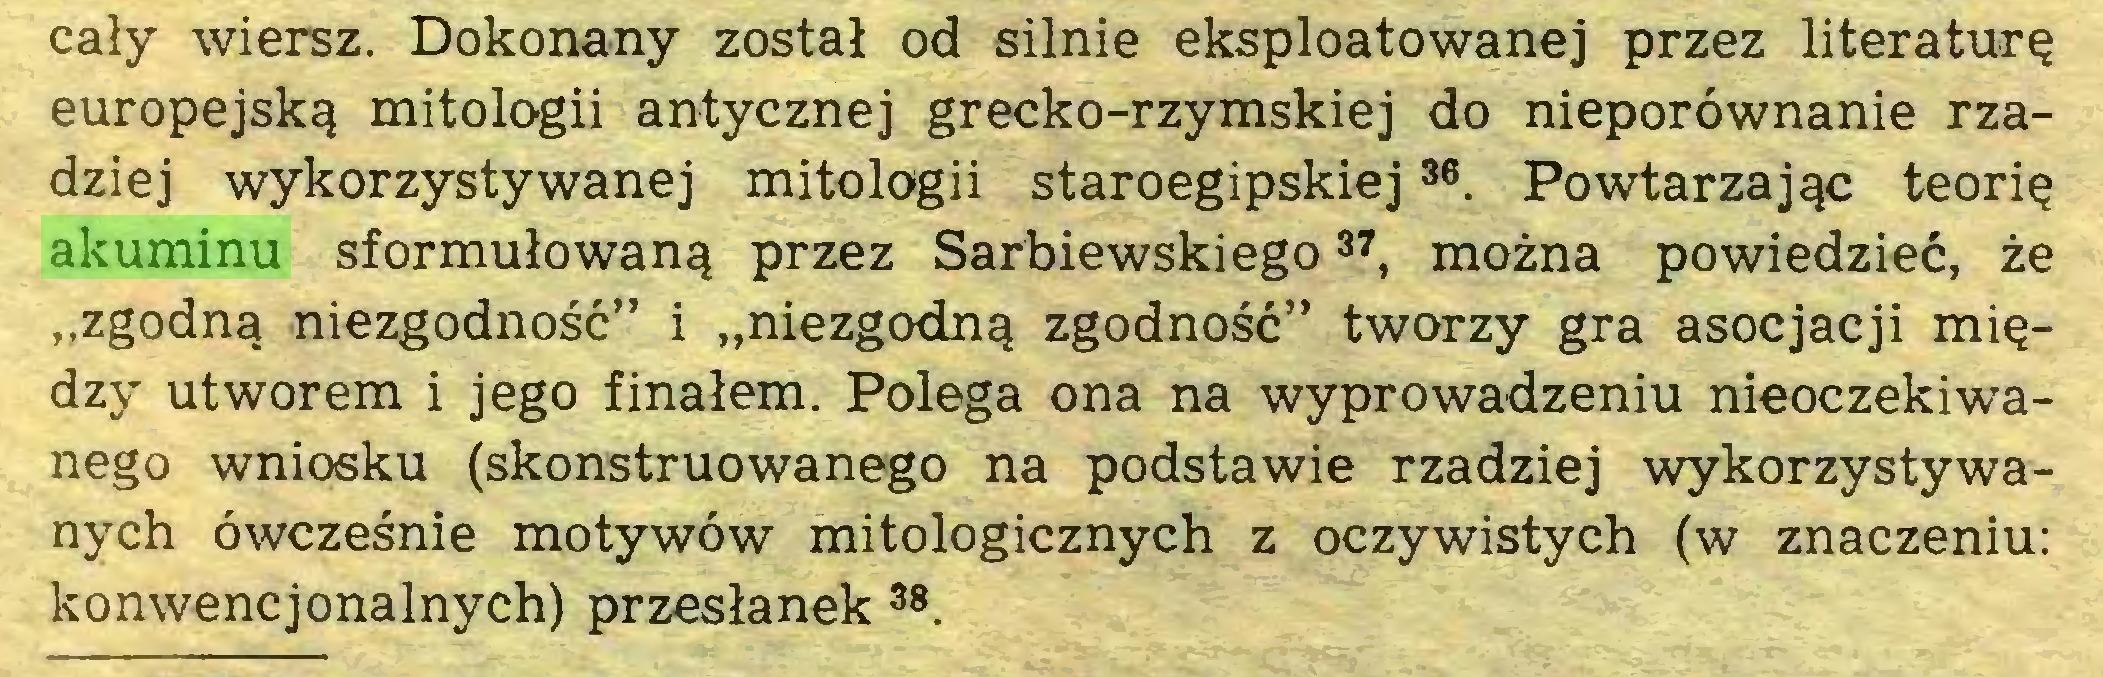 """(...) cały wiersz. Dokonany został od silnie eksploatowanej przez literaturę europejską mitologii antycznej grecko-rzymskiej do nieporównanie rzadziej wykorzystywanej mitologii staroegipskiej36. Powtarzając teorię akuminu sformułowaną przez Sarbiewskiego37, można powiedzieć, że """"zgodną niezgodność"""" i """"niezgodną zgodność"""" tworzy gra asocjacji między utworem i jego finałem. Polega ona na wyprowadzeniu nieoczekiwanego wniosku (skonstruowanego na podstawie rzadziej wykorzystywanych ówcześnie motywów mitologicznych z oczywistych (w znaczeniu: konwencjonalnych) przesłanek38..."""